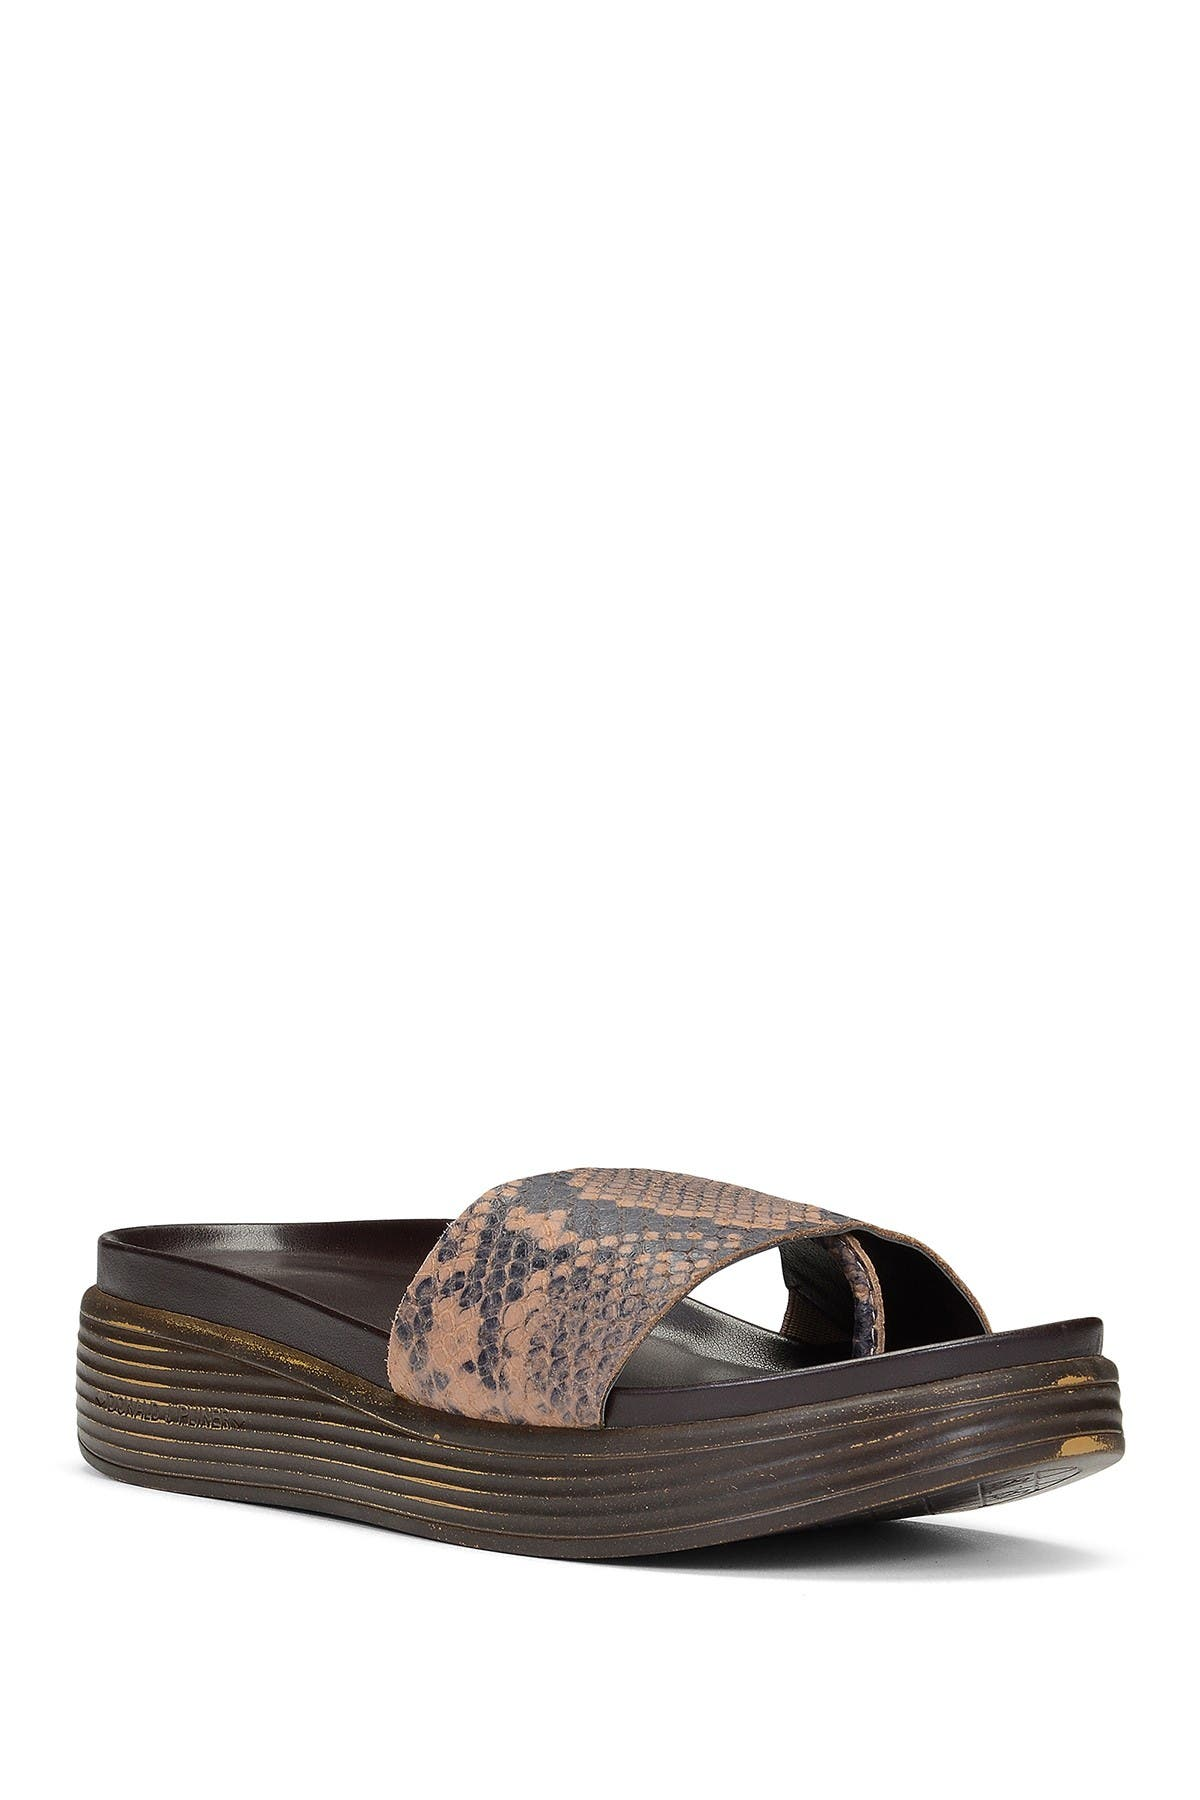 Image of Donald Pliner Fiji Low Wedge Leather Snakeskin Embossed Slide Sandal